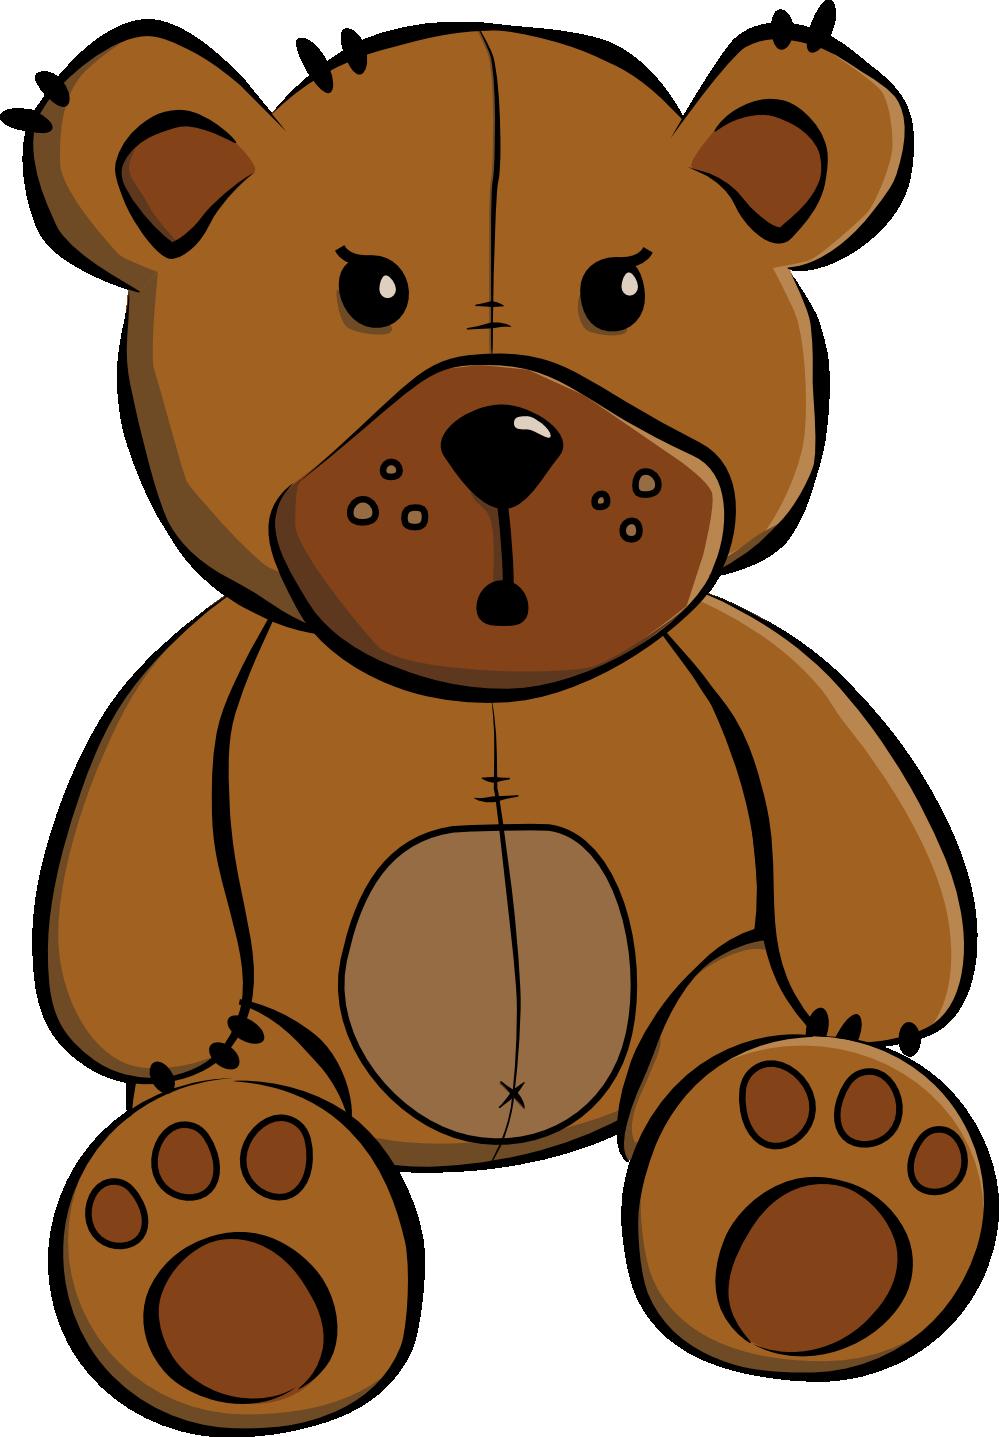 11 Teddy Bear Clipart-11 Teddy Bear Clipart-0